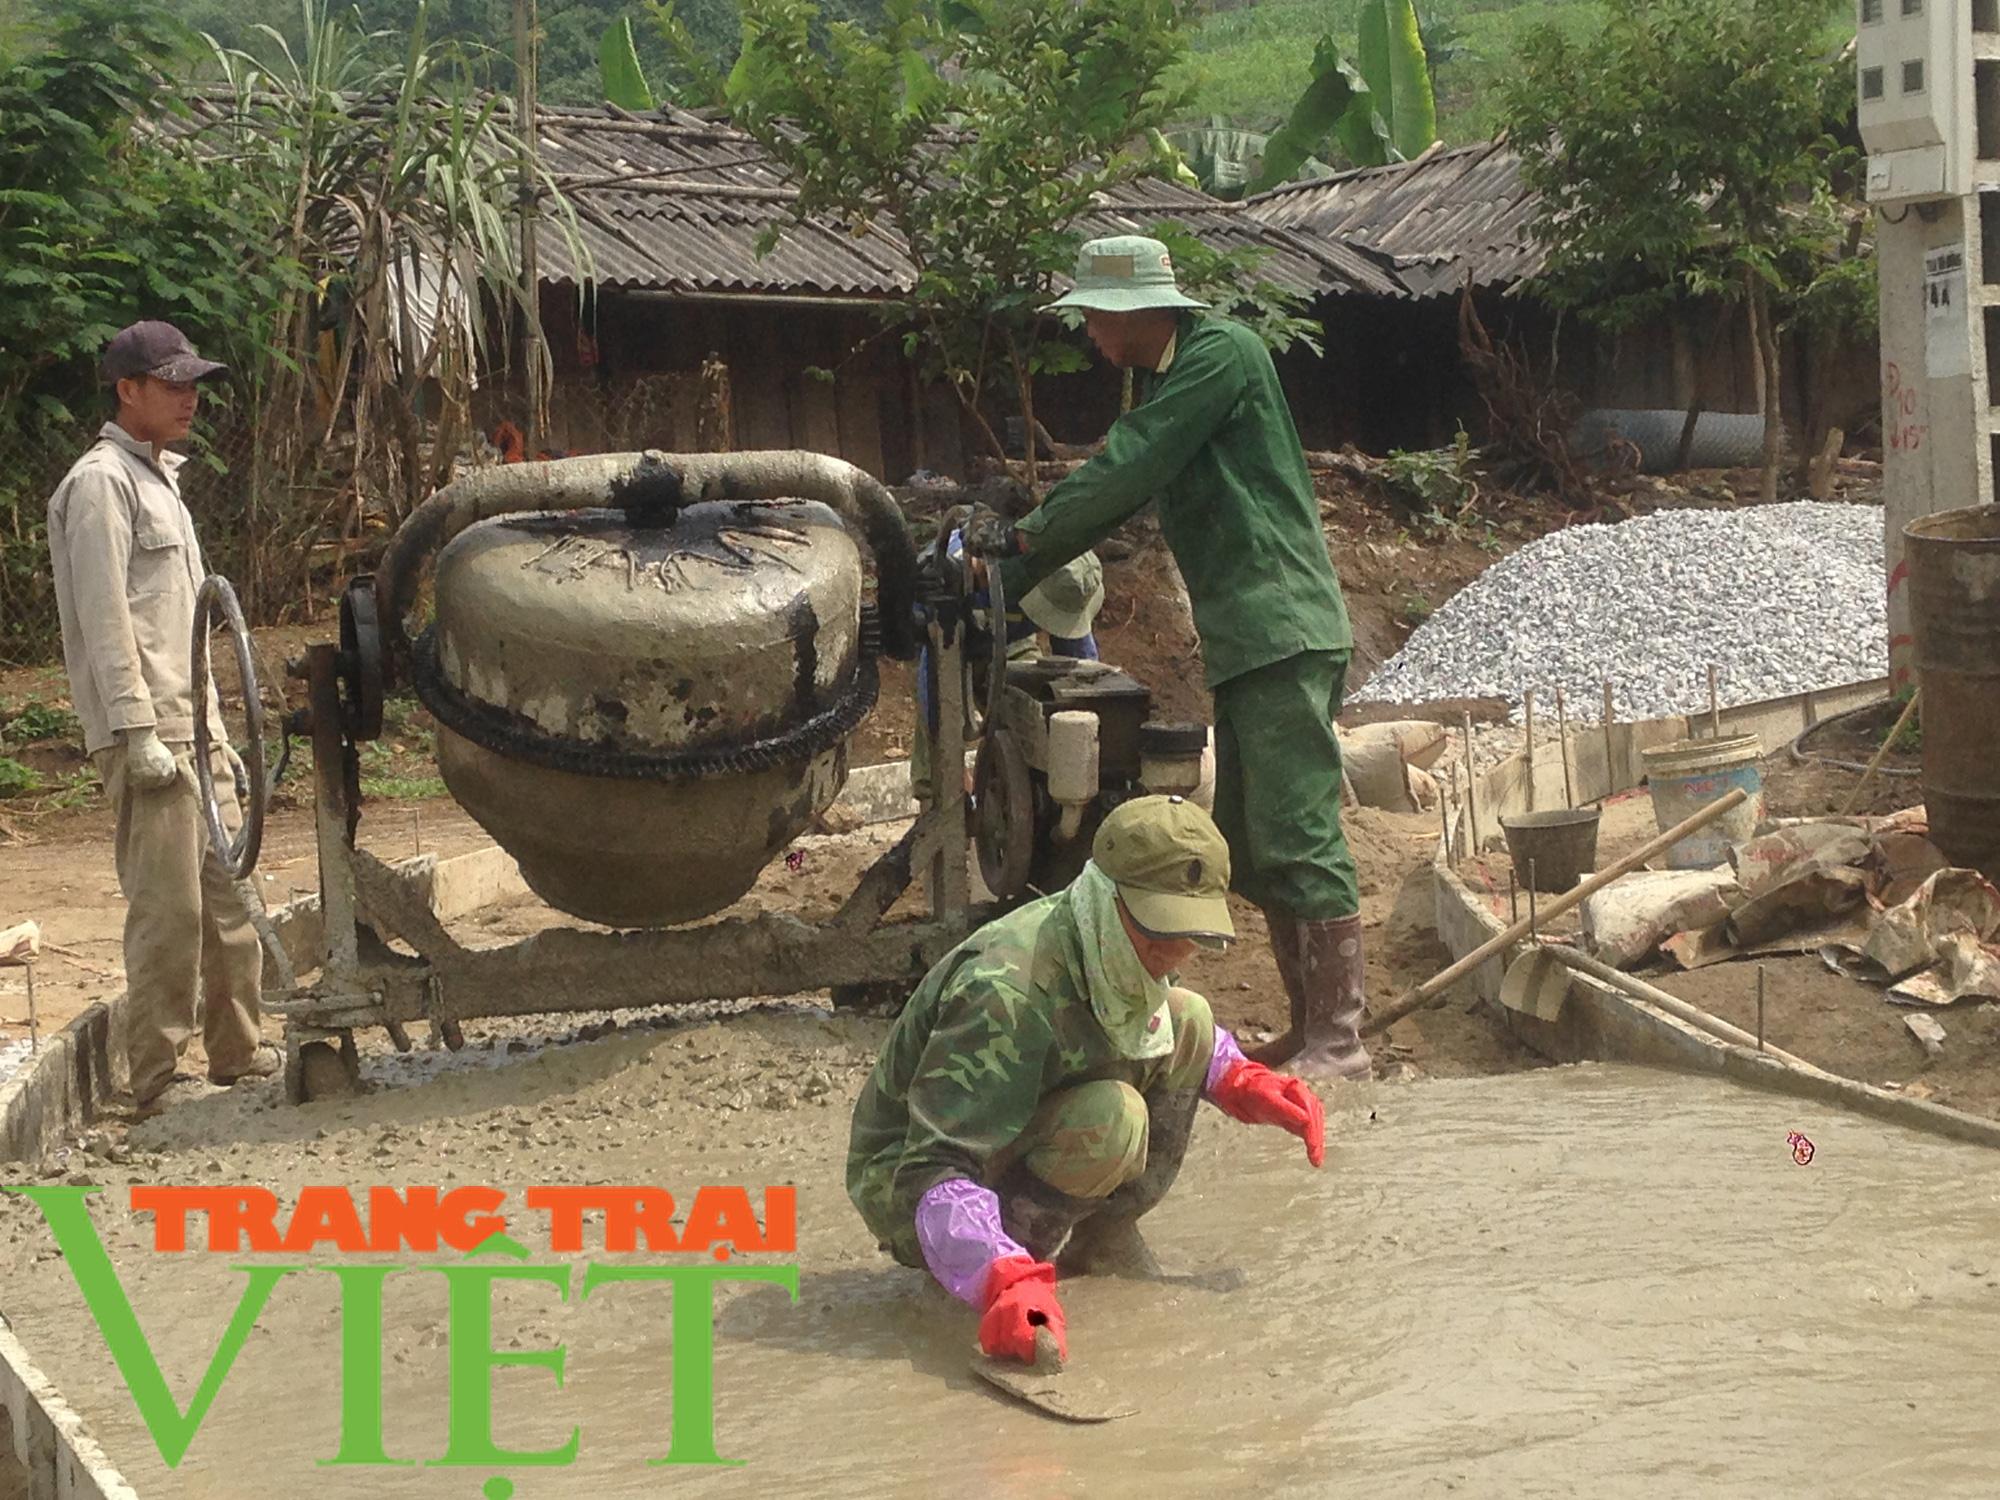 Hội Nông dân Mai Sơn: Huy động hội viên góp công, góp sức xây dựng nông thôn mới - Ảnh 5.